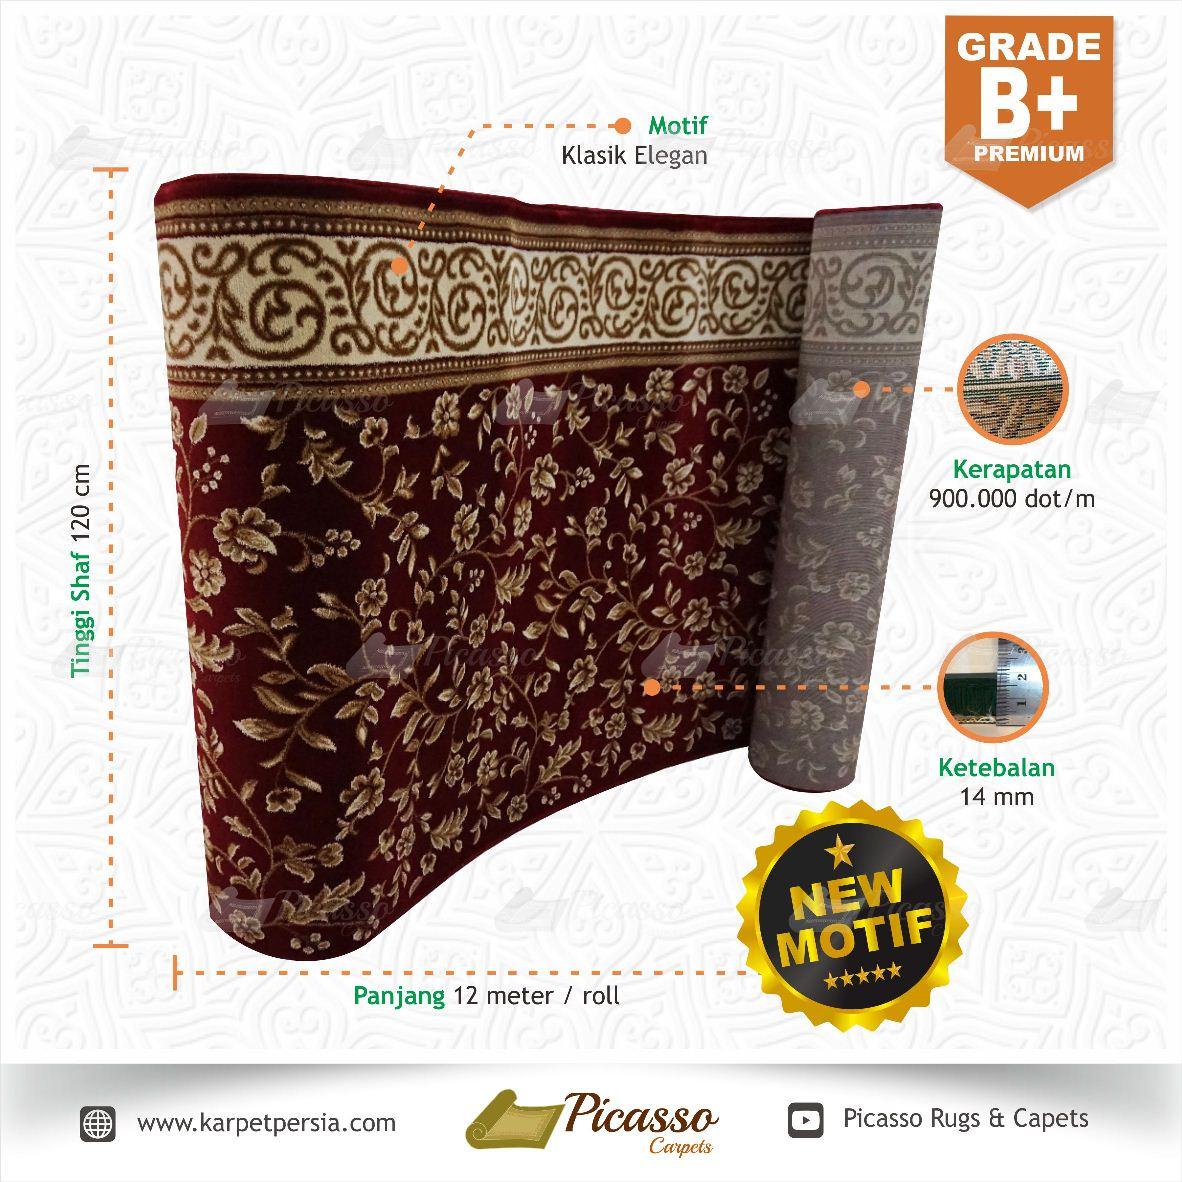 Karpet Masjid - Grade B+ Premium